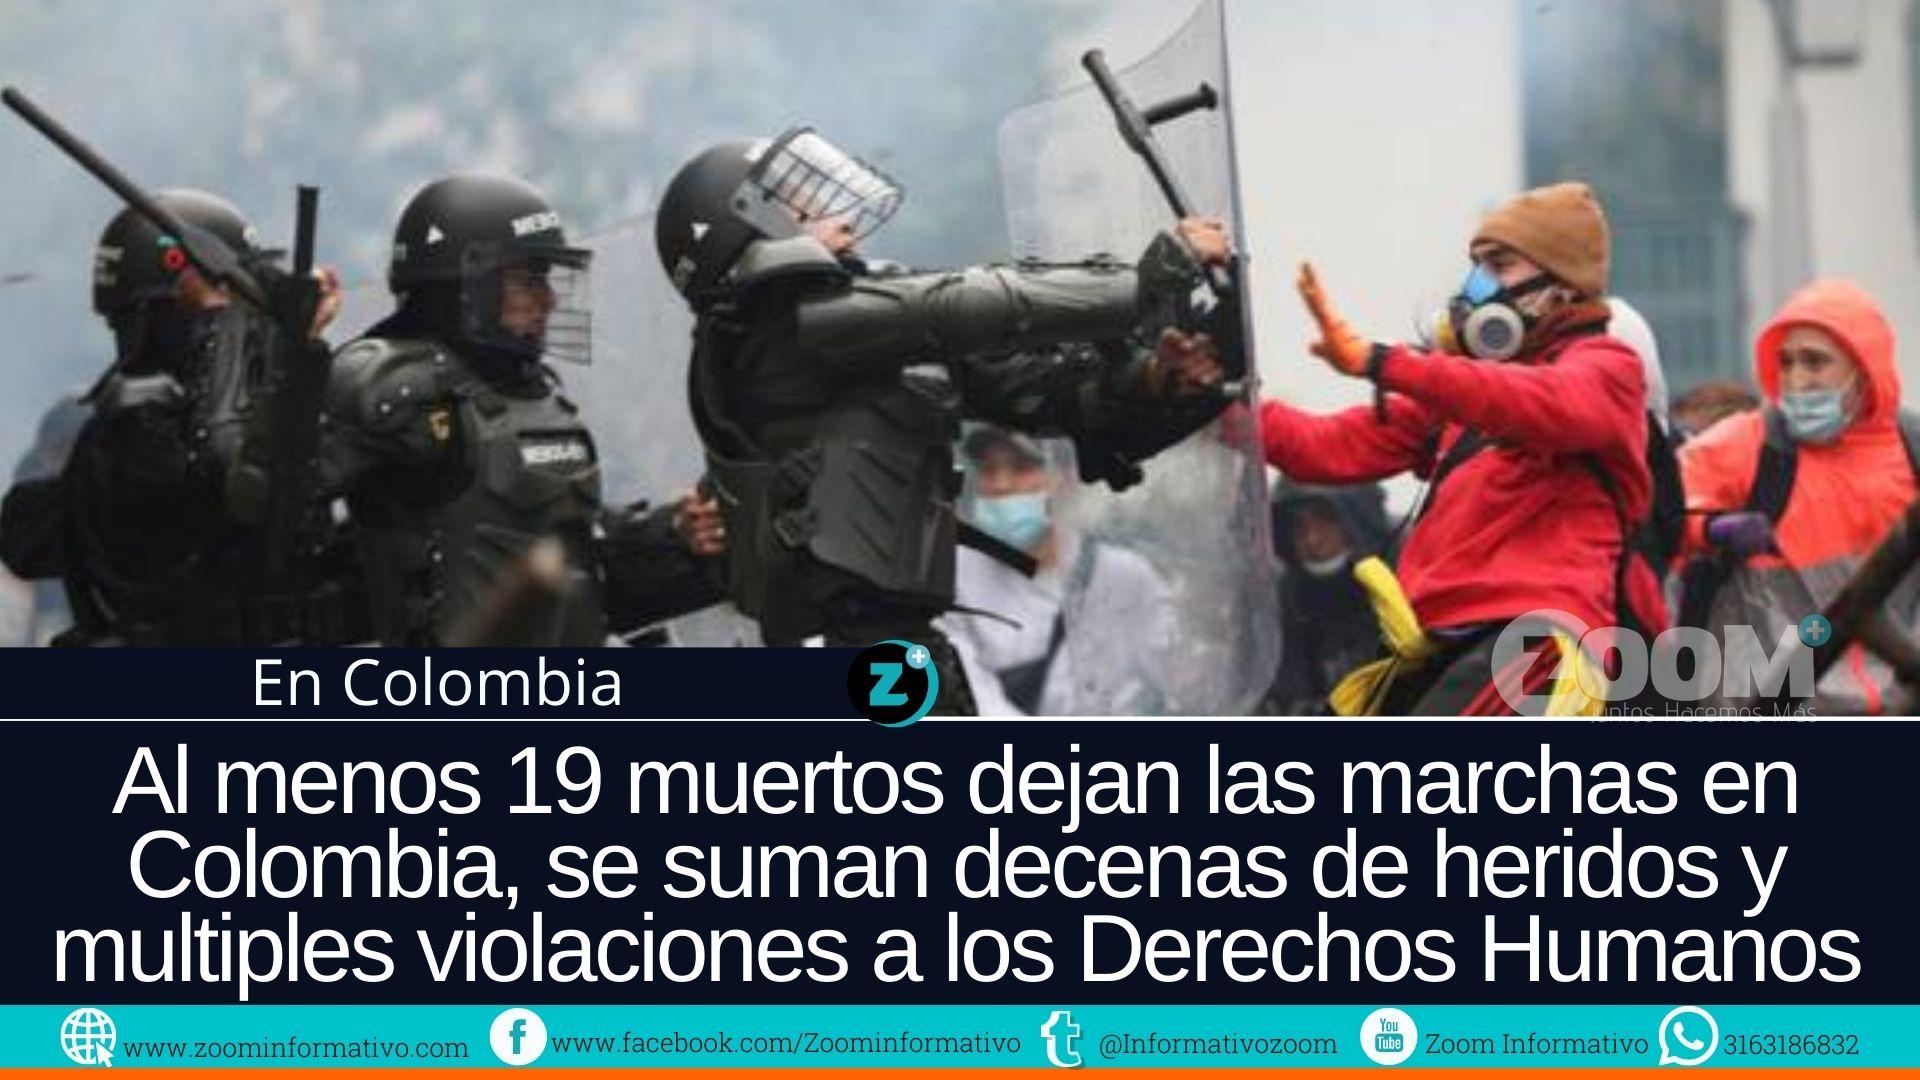 La protesta en Colombia deja al menos 19 muertos y alarmantes cifras de violación a los Derechos Humanos